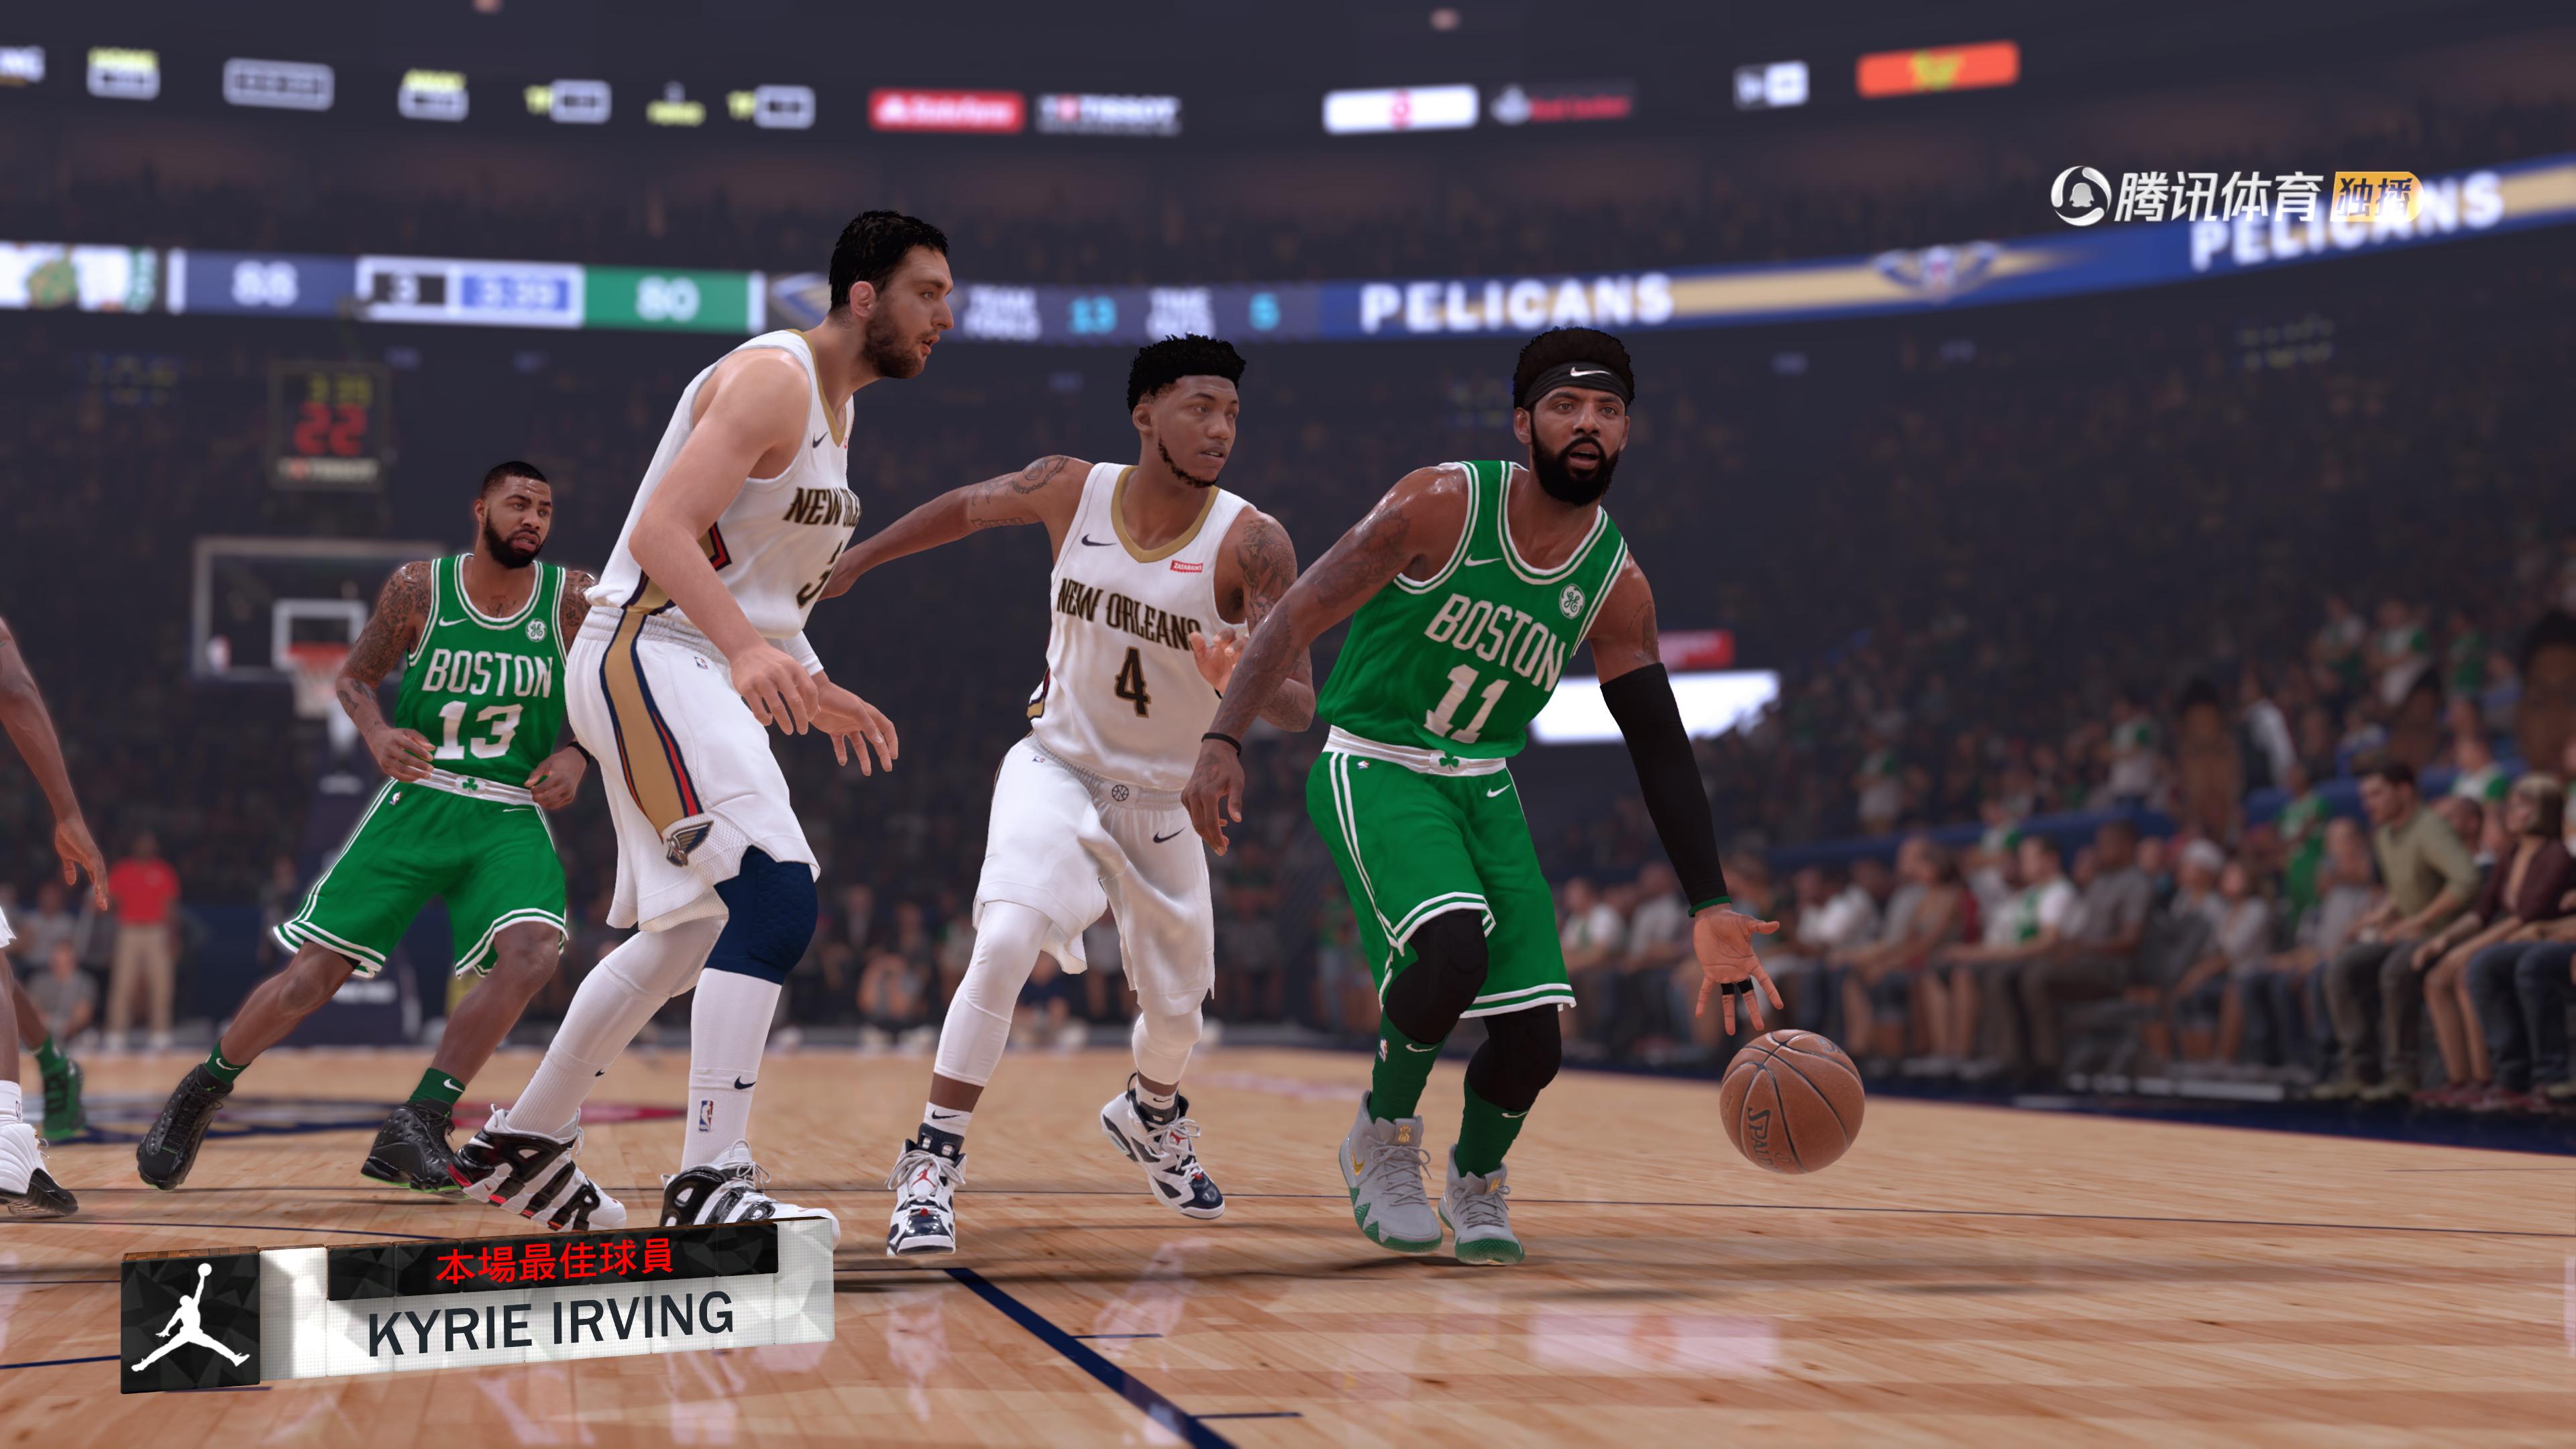 NBA2K19 2018-10-08 11-37-36.jpg